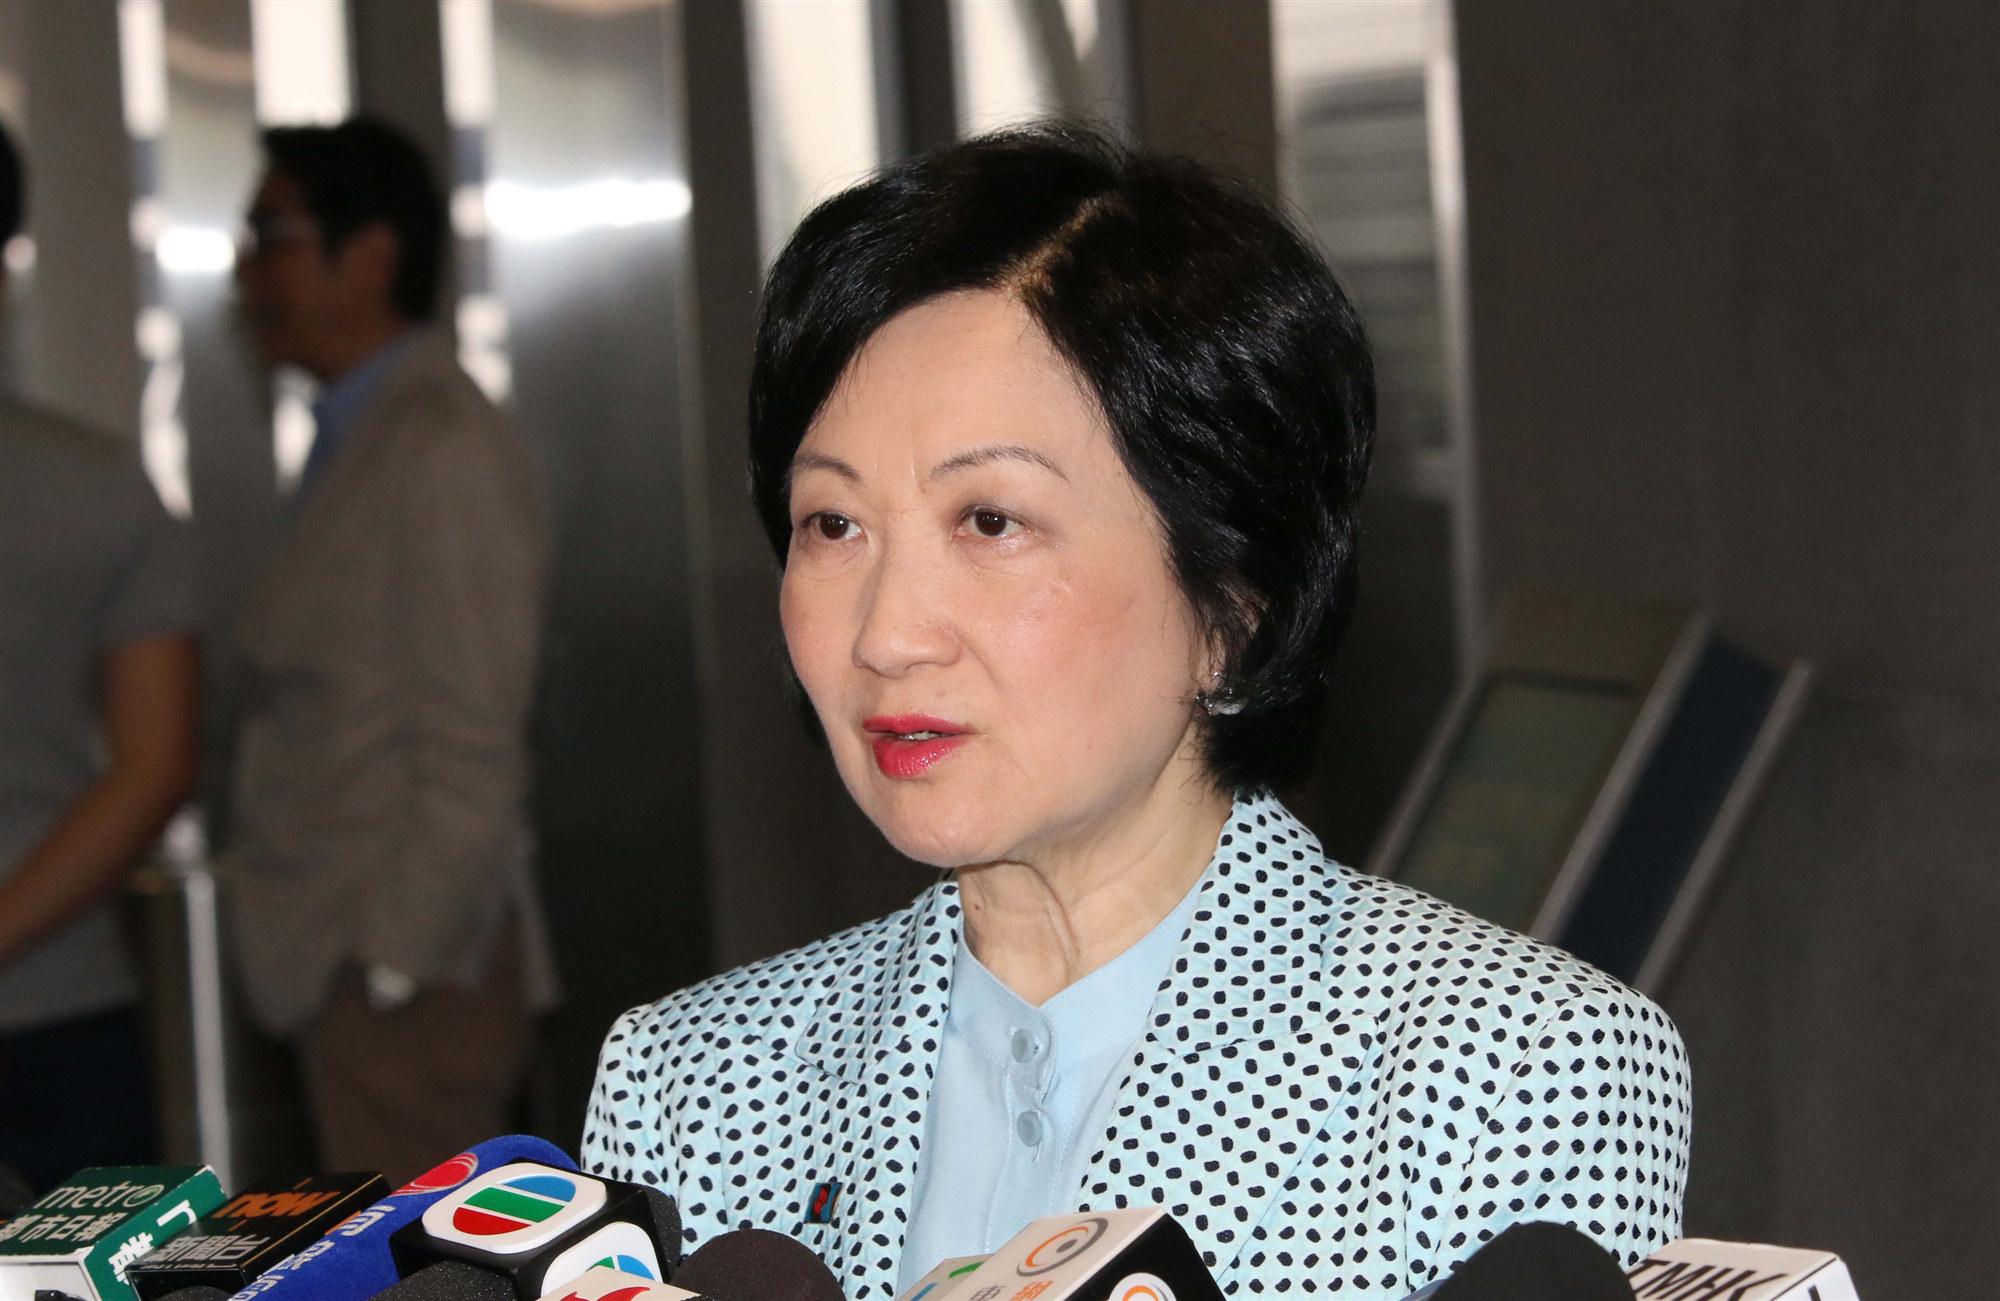 葉劉淑儀:不少學生違《禁蒙面法》被控 反映教育不足